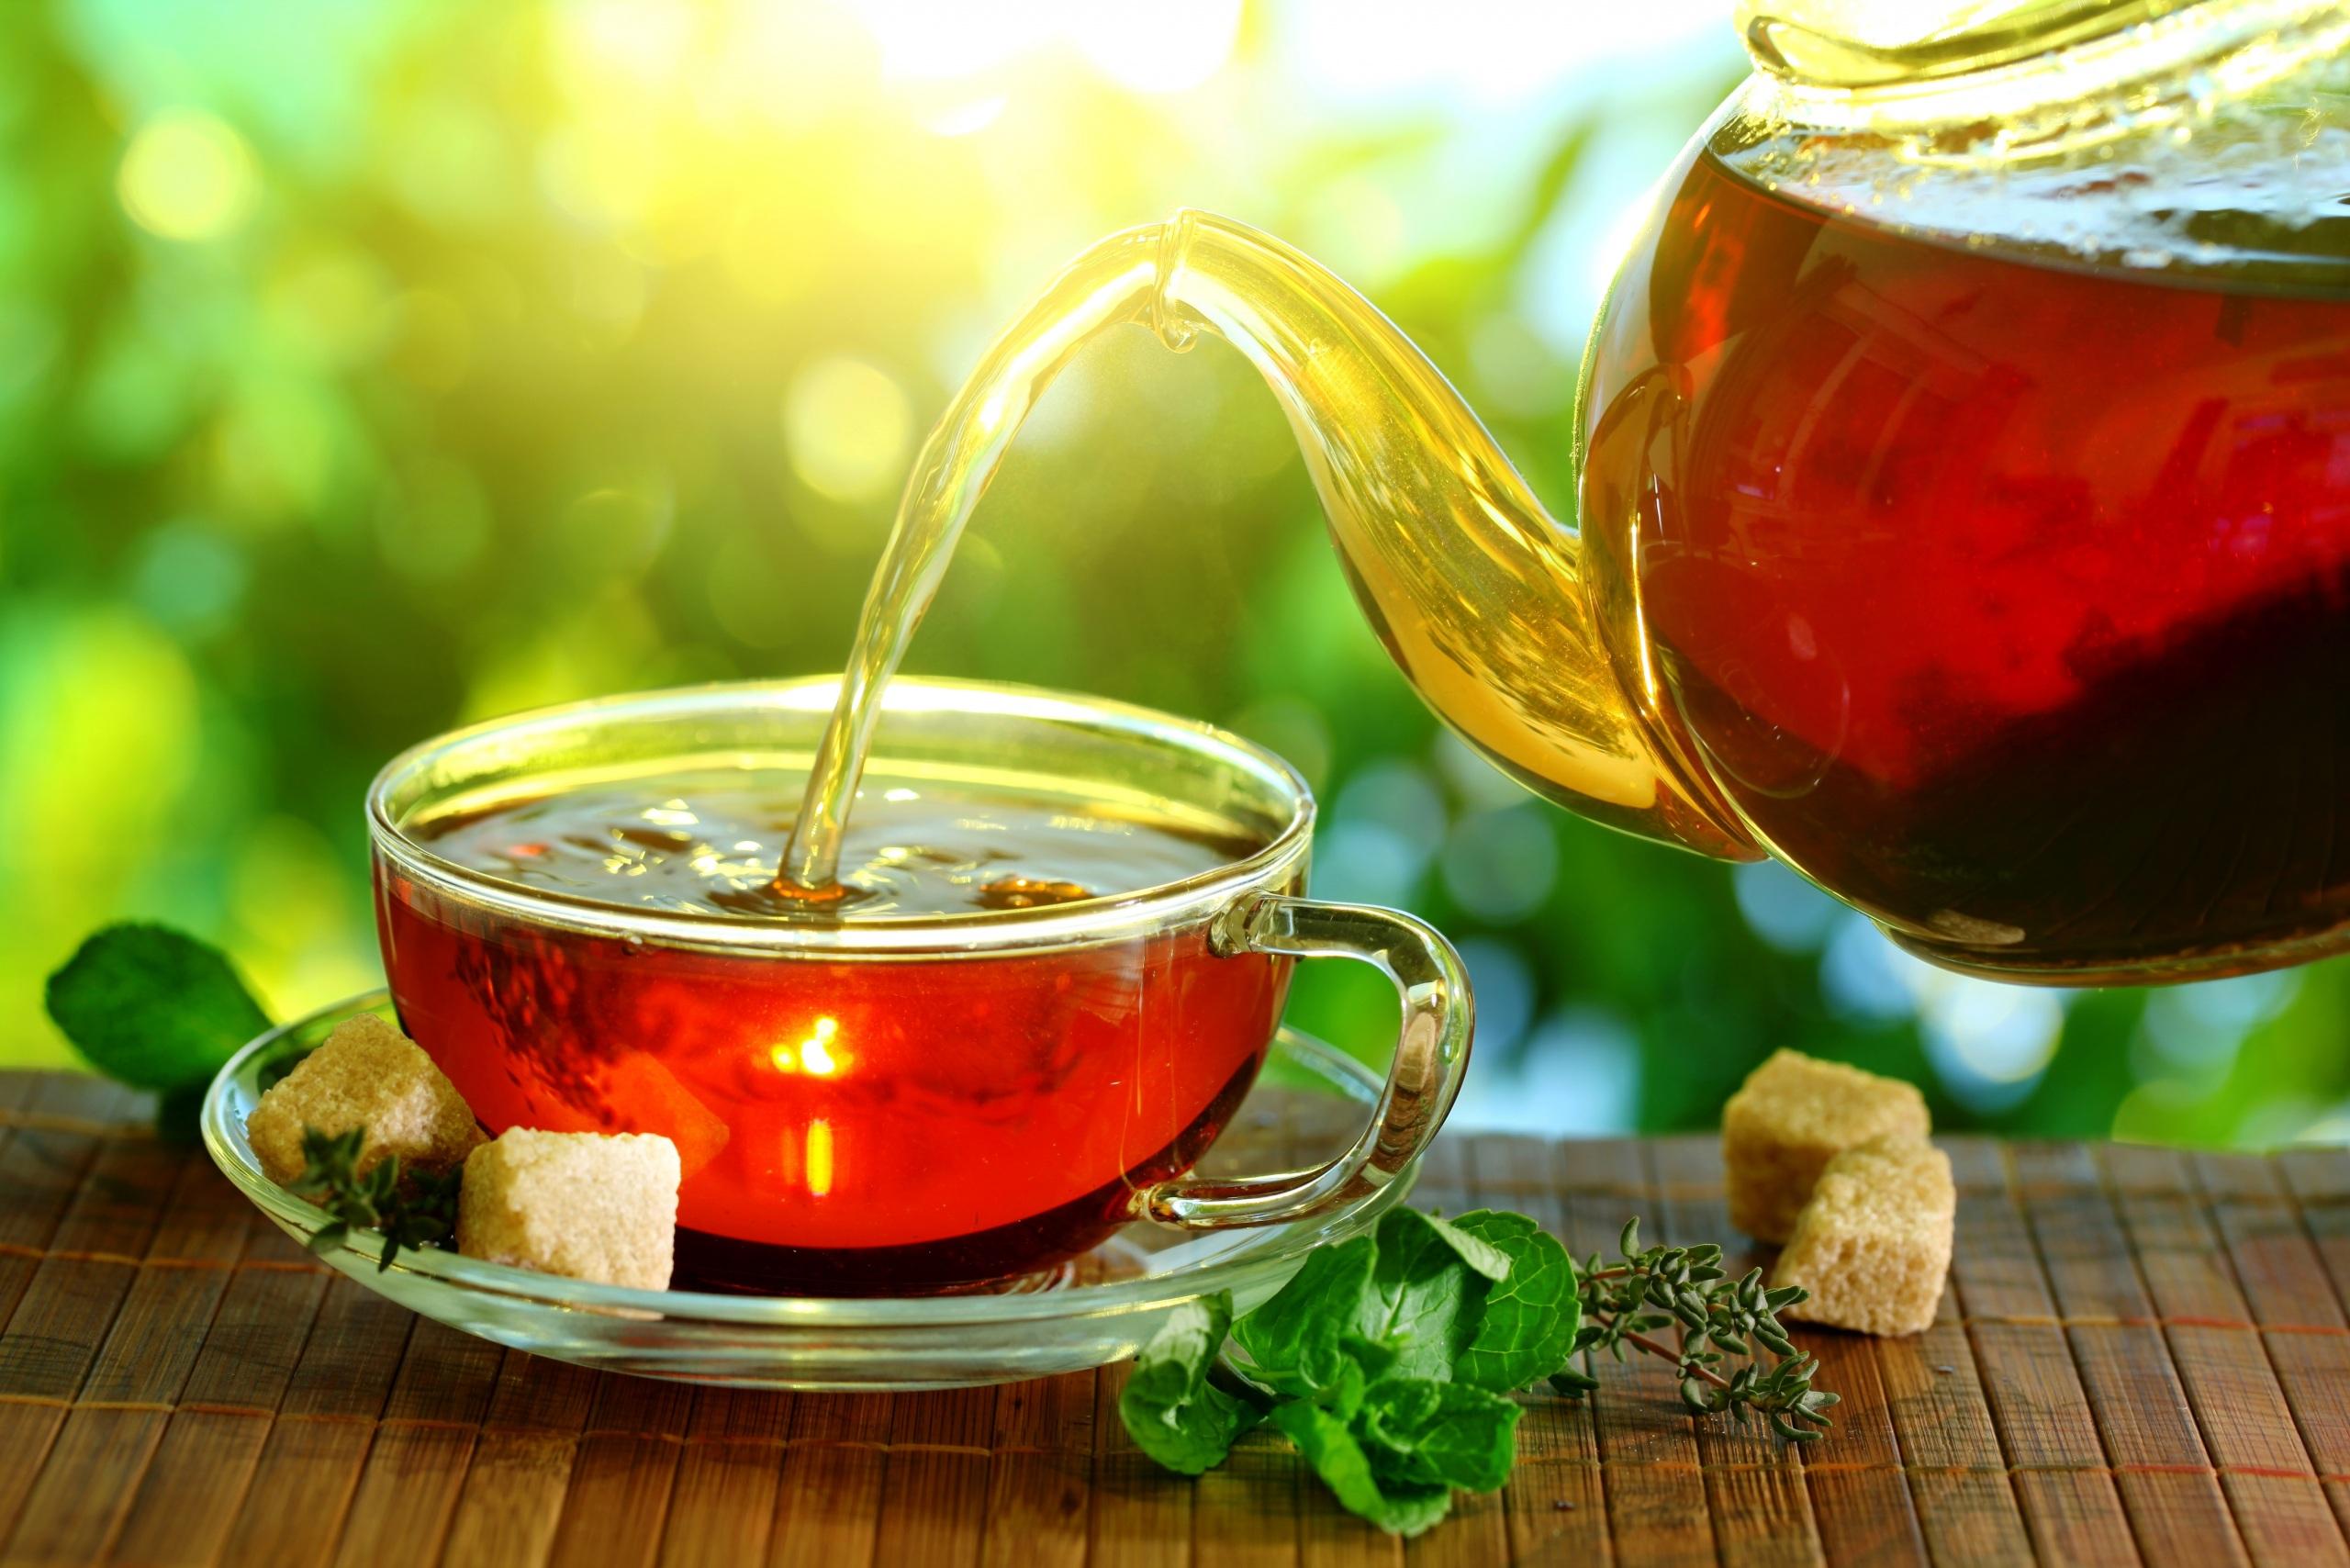 Ежегодно 15 декабря во всех странах отмечается Международный день чая